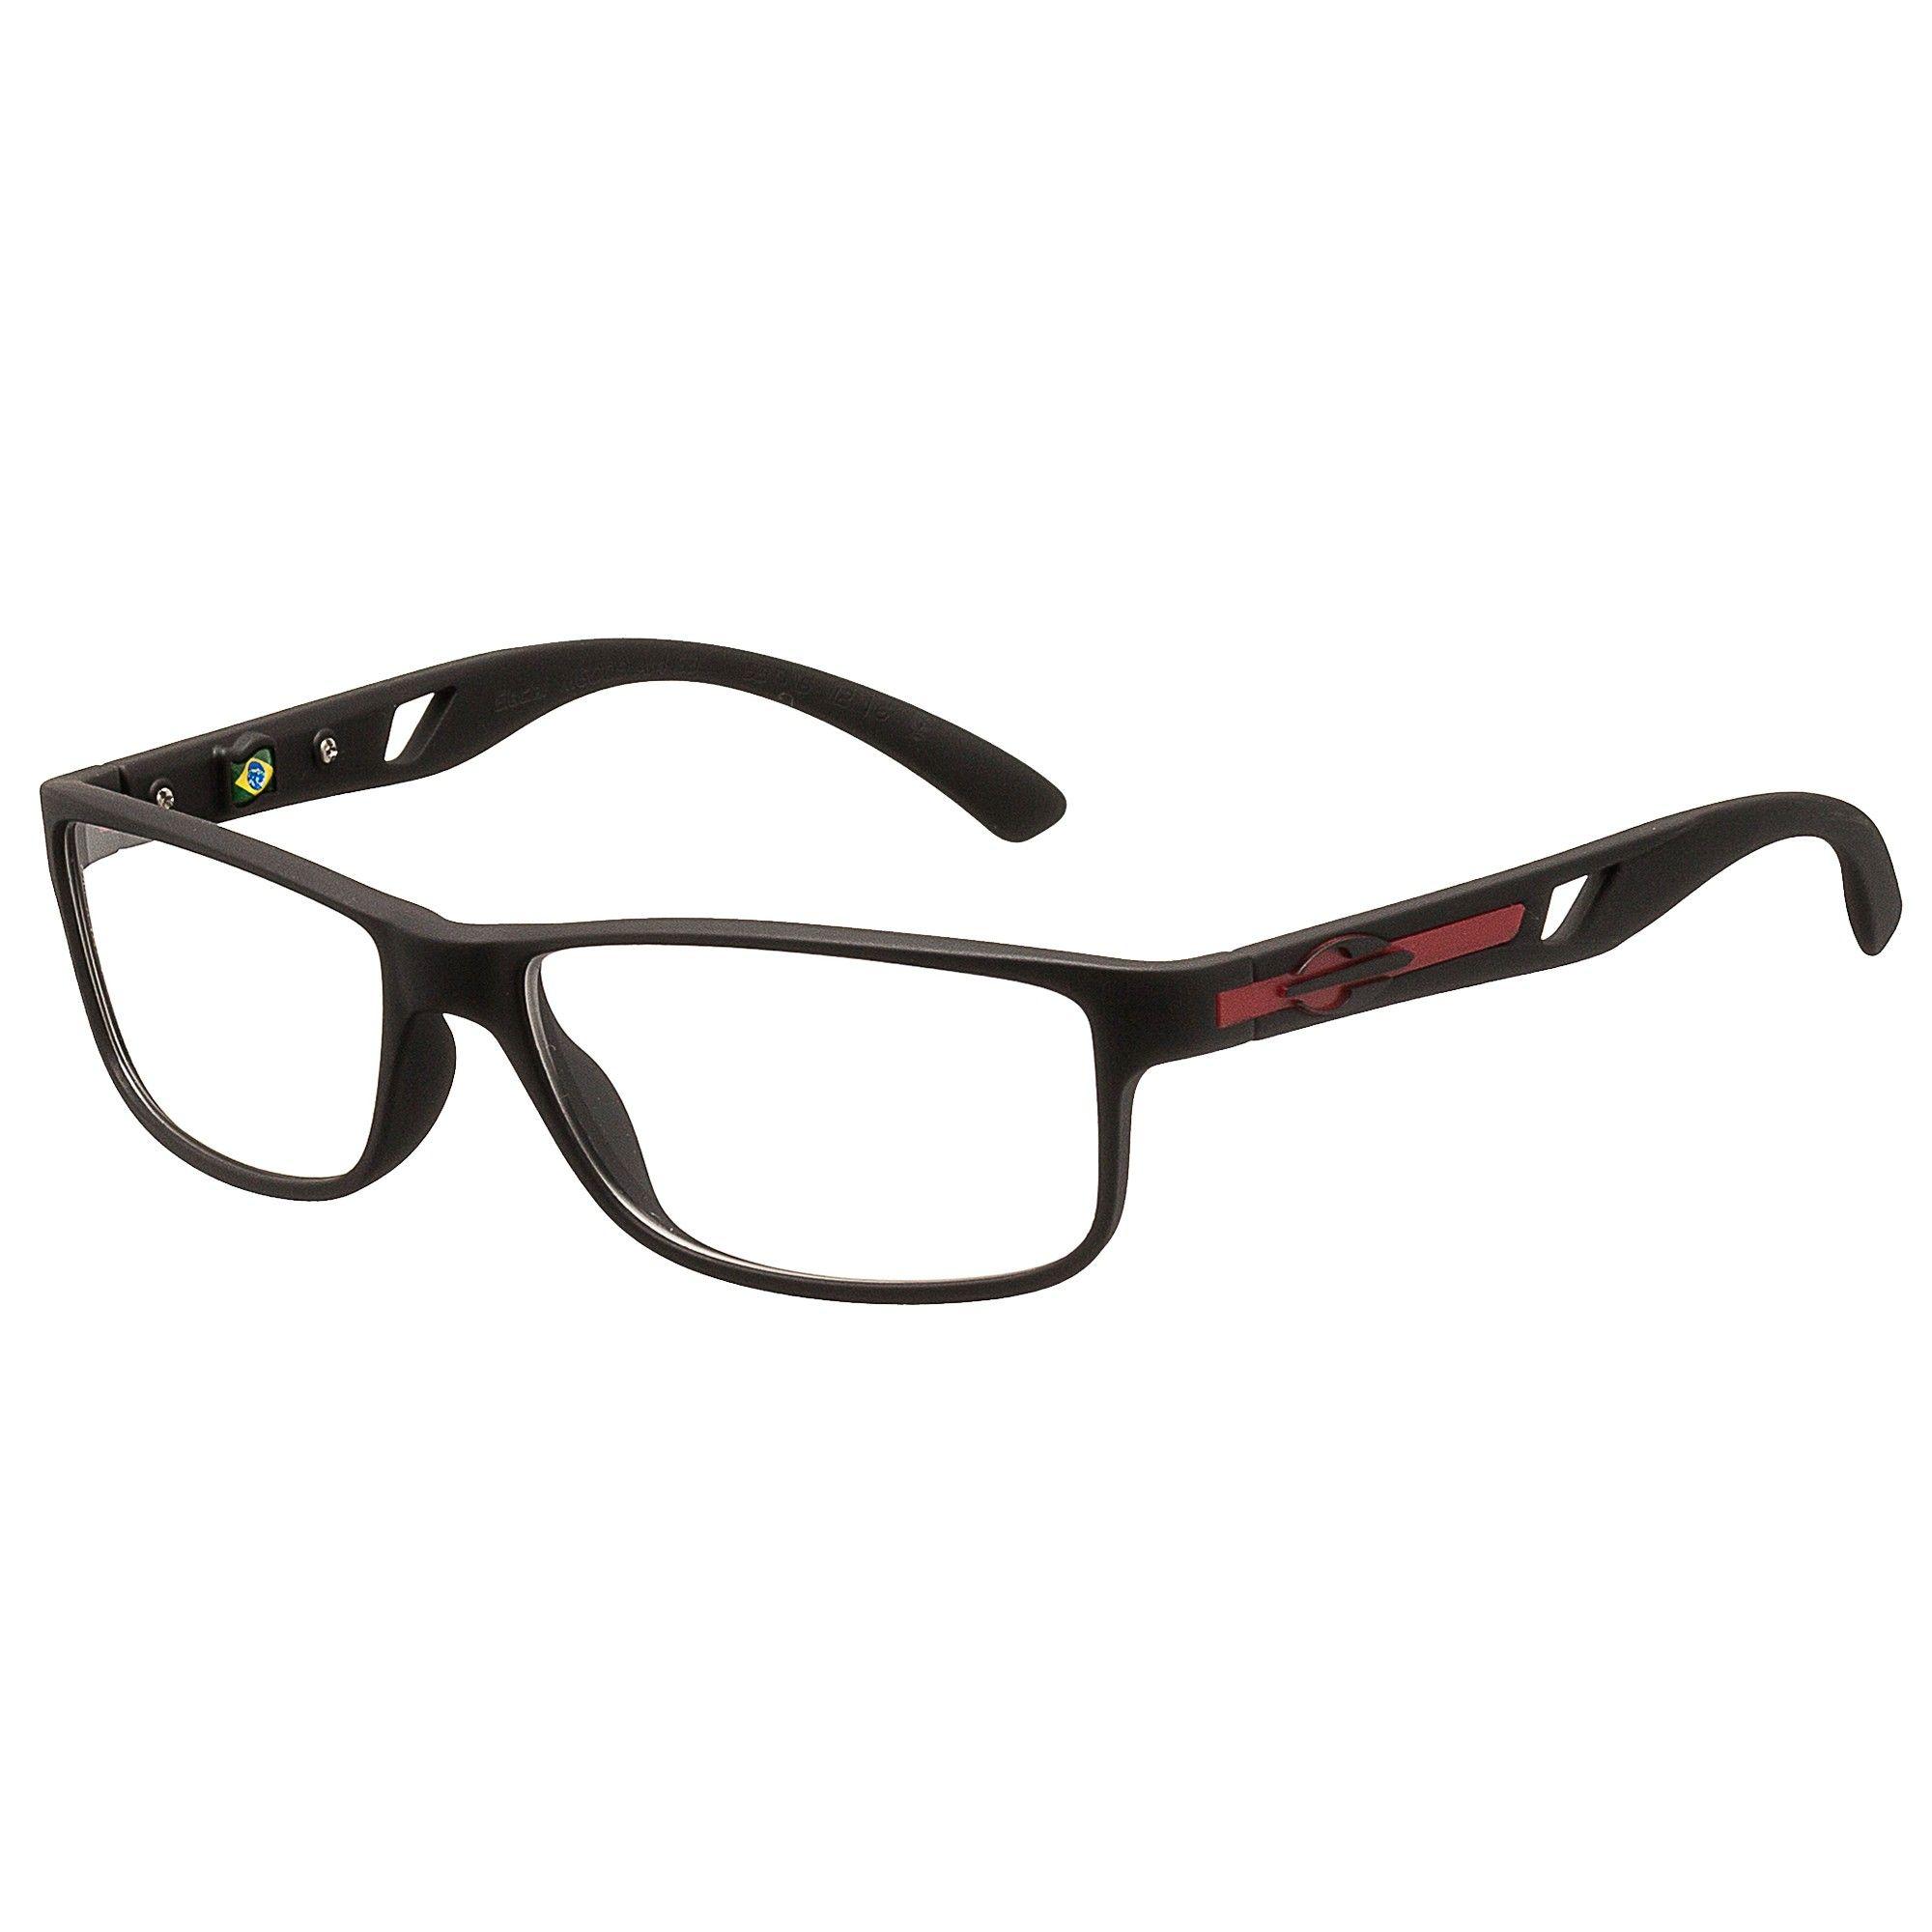 Óculos de Grau Mormaii Glacial M6009 A14 Tam. 53MormaiiMormaii de ... b79321f34c